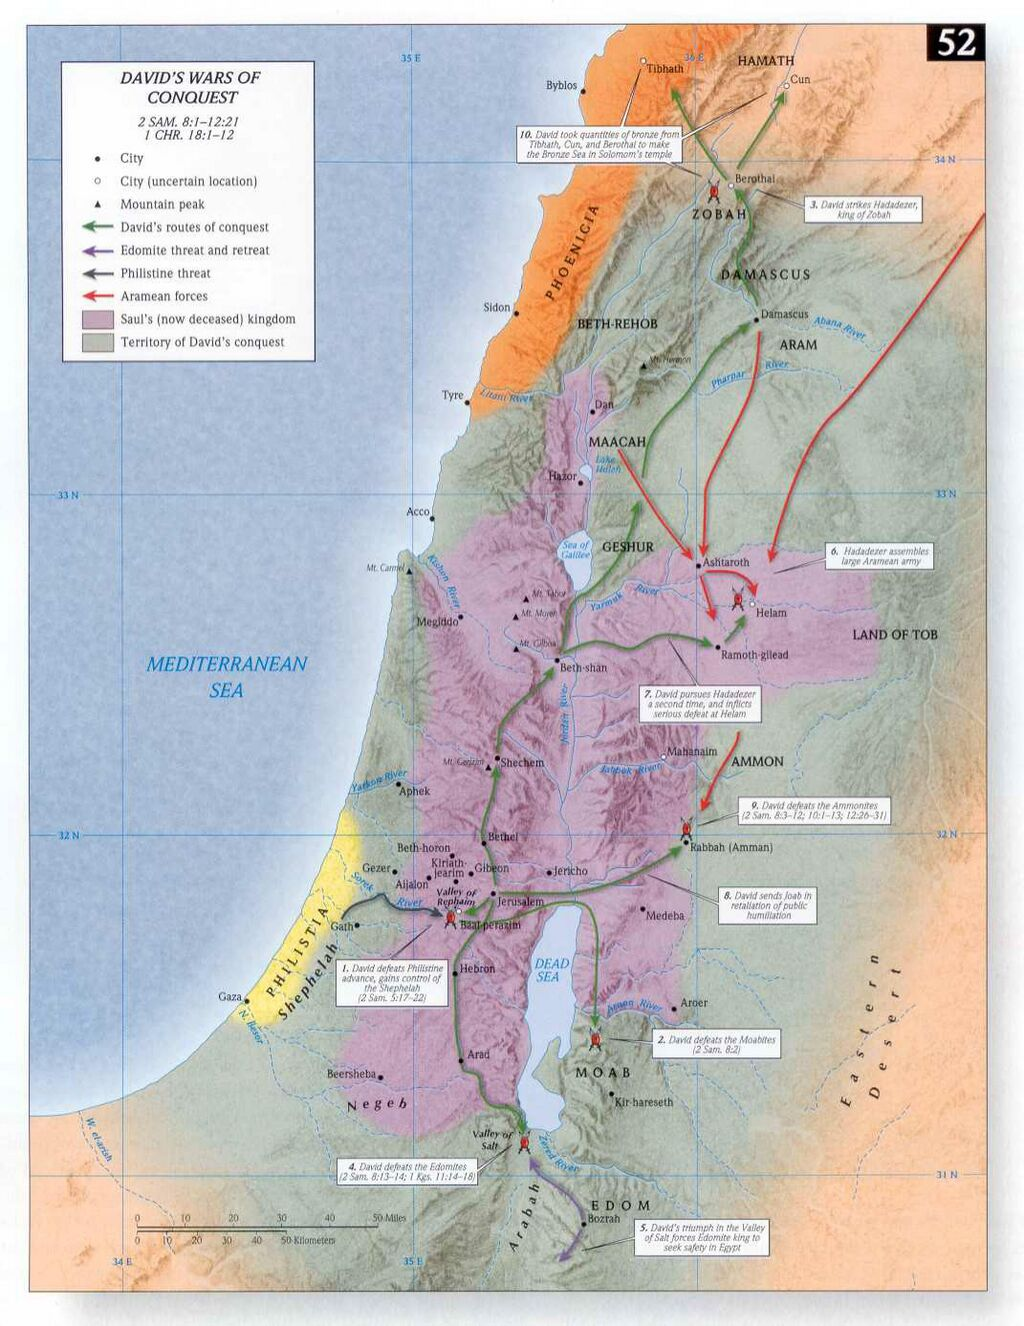 Davids oorlogen van verovering - Access Foundation kaart 52.jpg